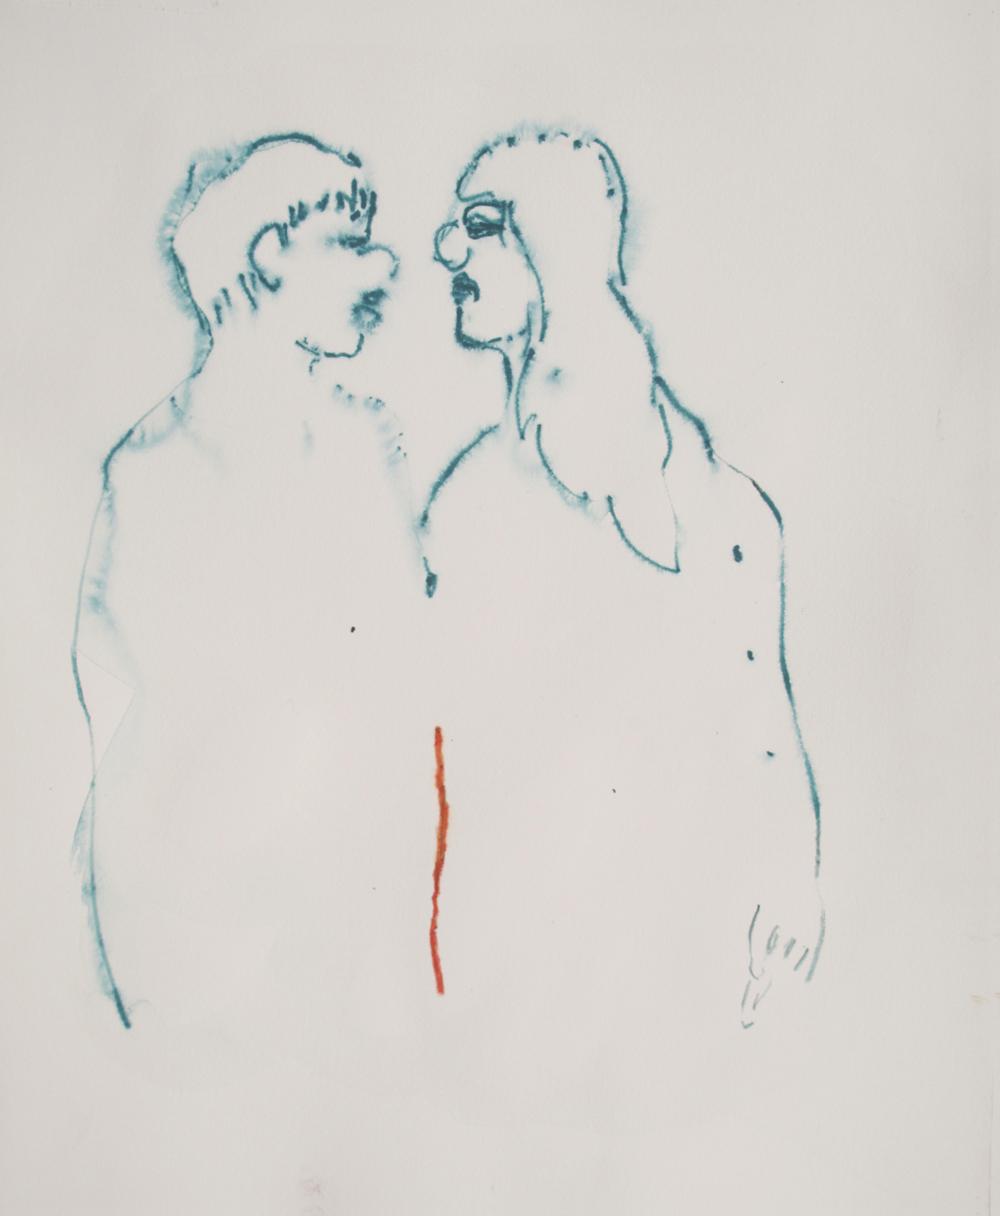 Colorclown (16) (46x38 cm)